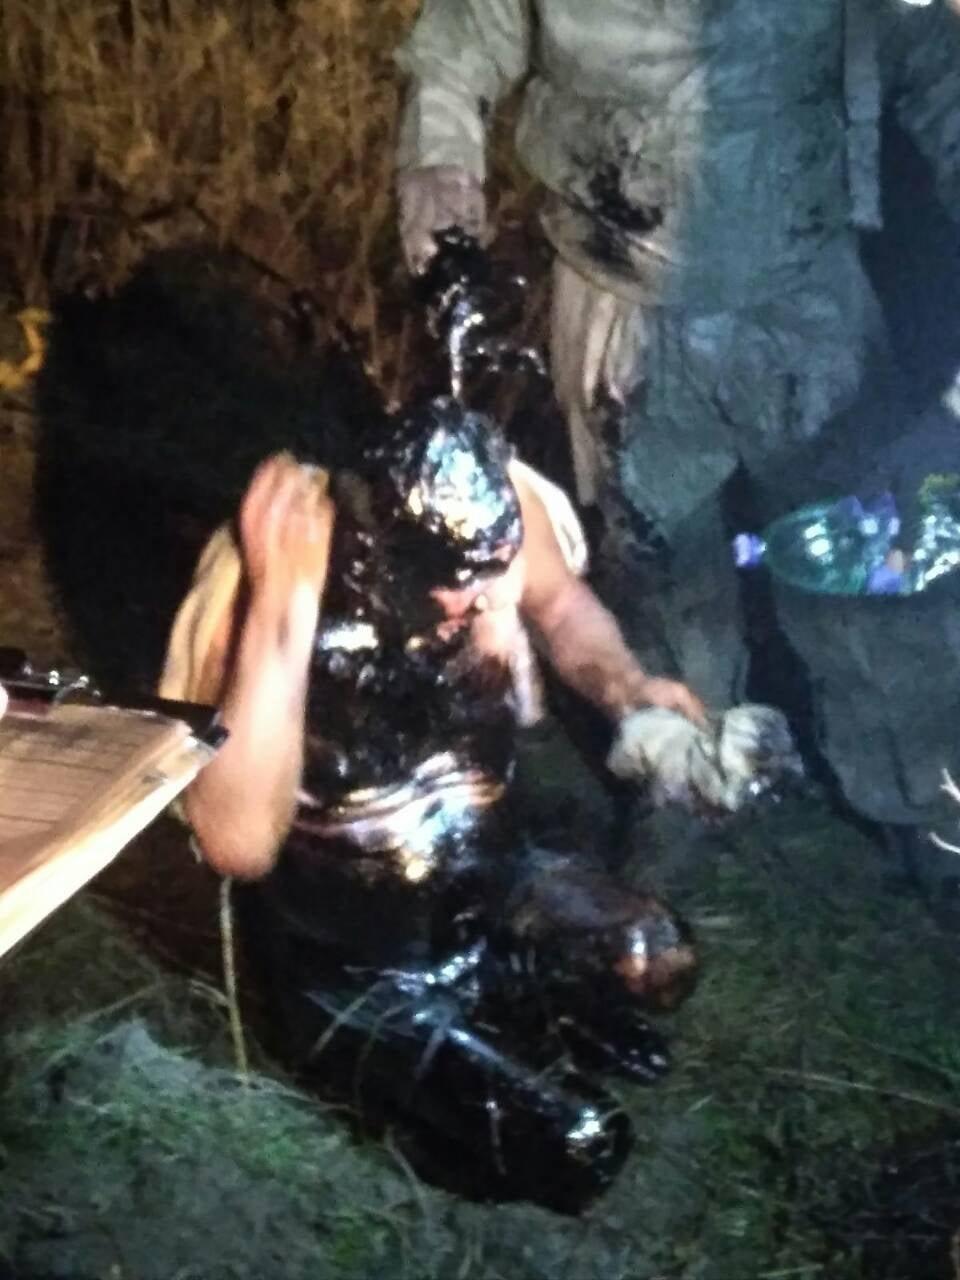 Не мог выбраться два часа: на Харьковщине спасатели вытащили мужчину из ямы со смолой, - ФОТО, фото-2